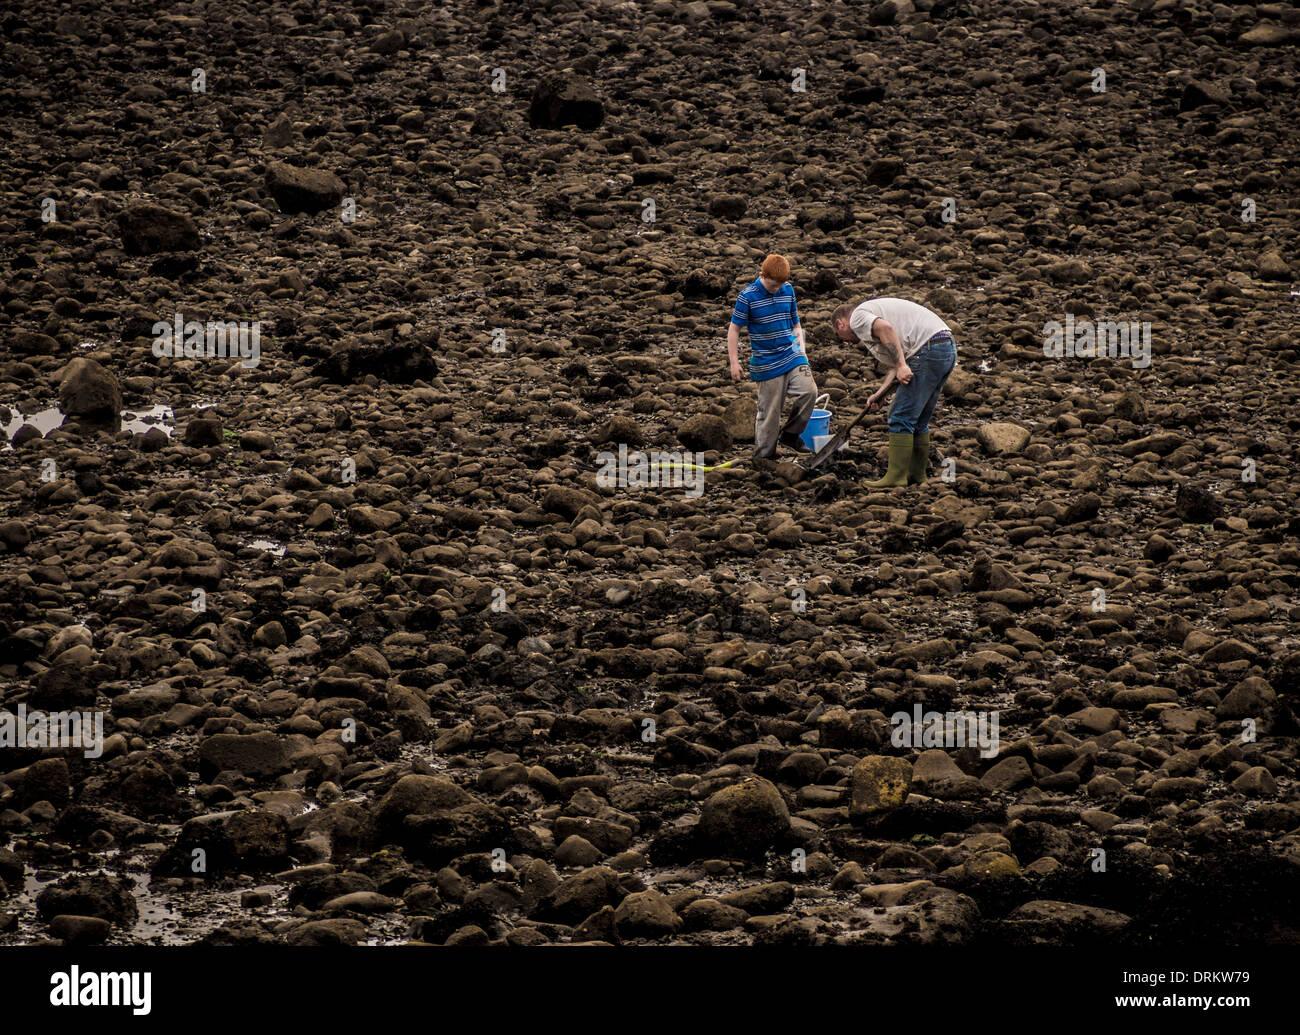 Deux hommes ramasseurs de coquillages sur la rive de l'estuaire de la Tyne, North Sheilds. Photo Stock